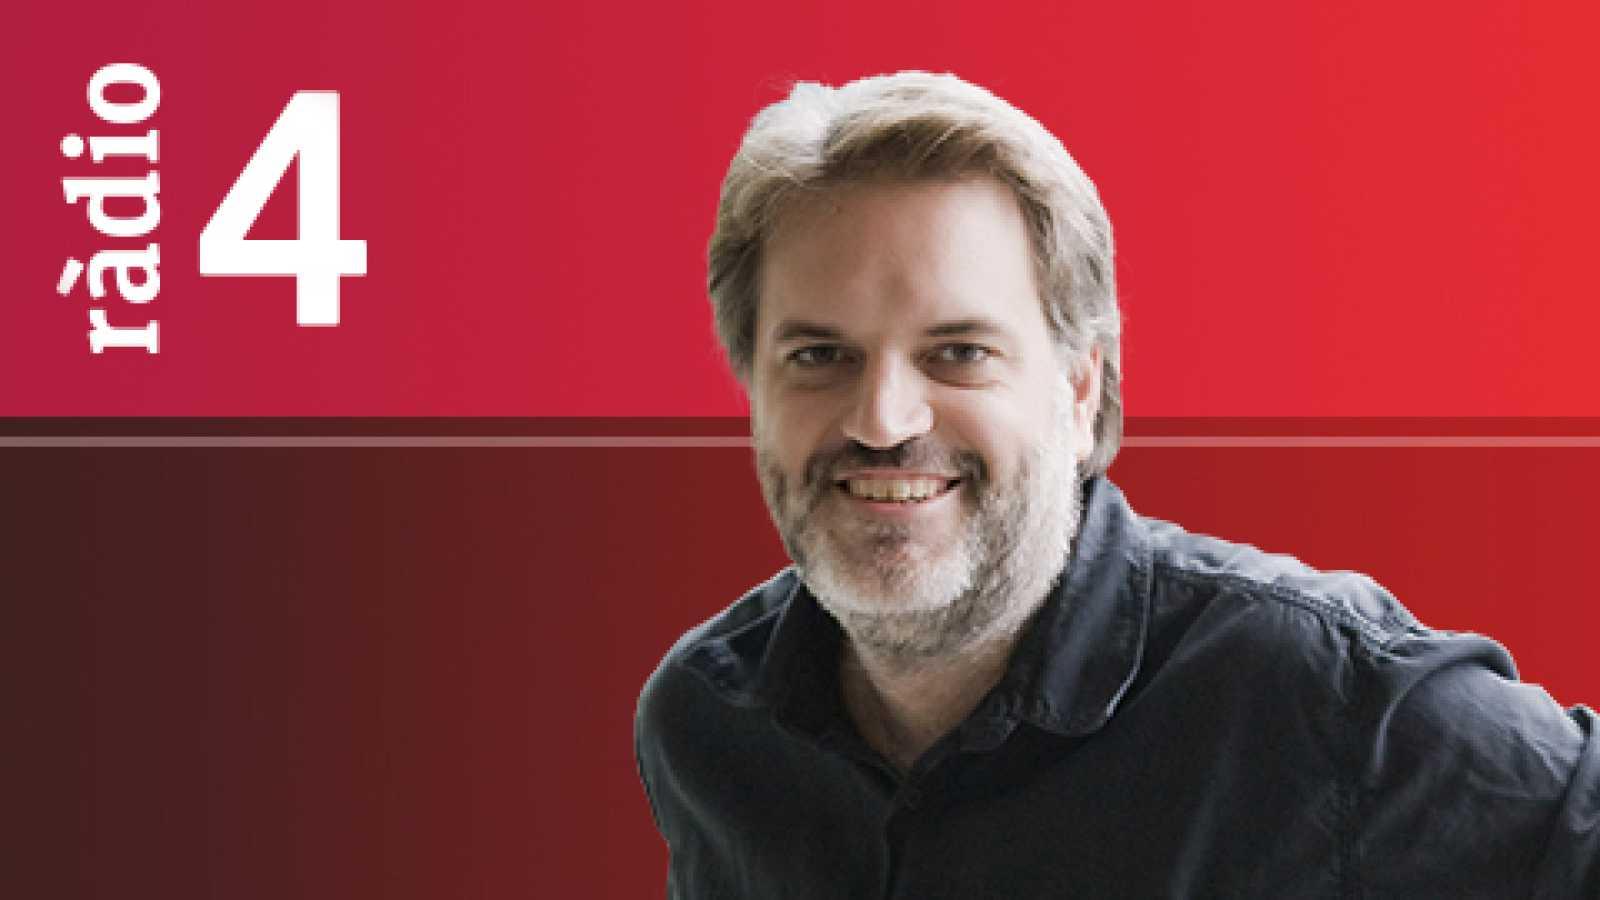 El matí a Ràdio 4 -  Anàlisi d'actualitat i Entrevista